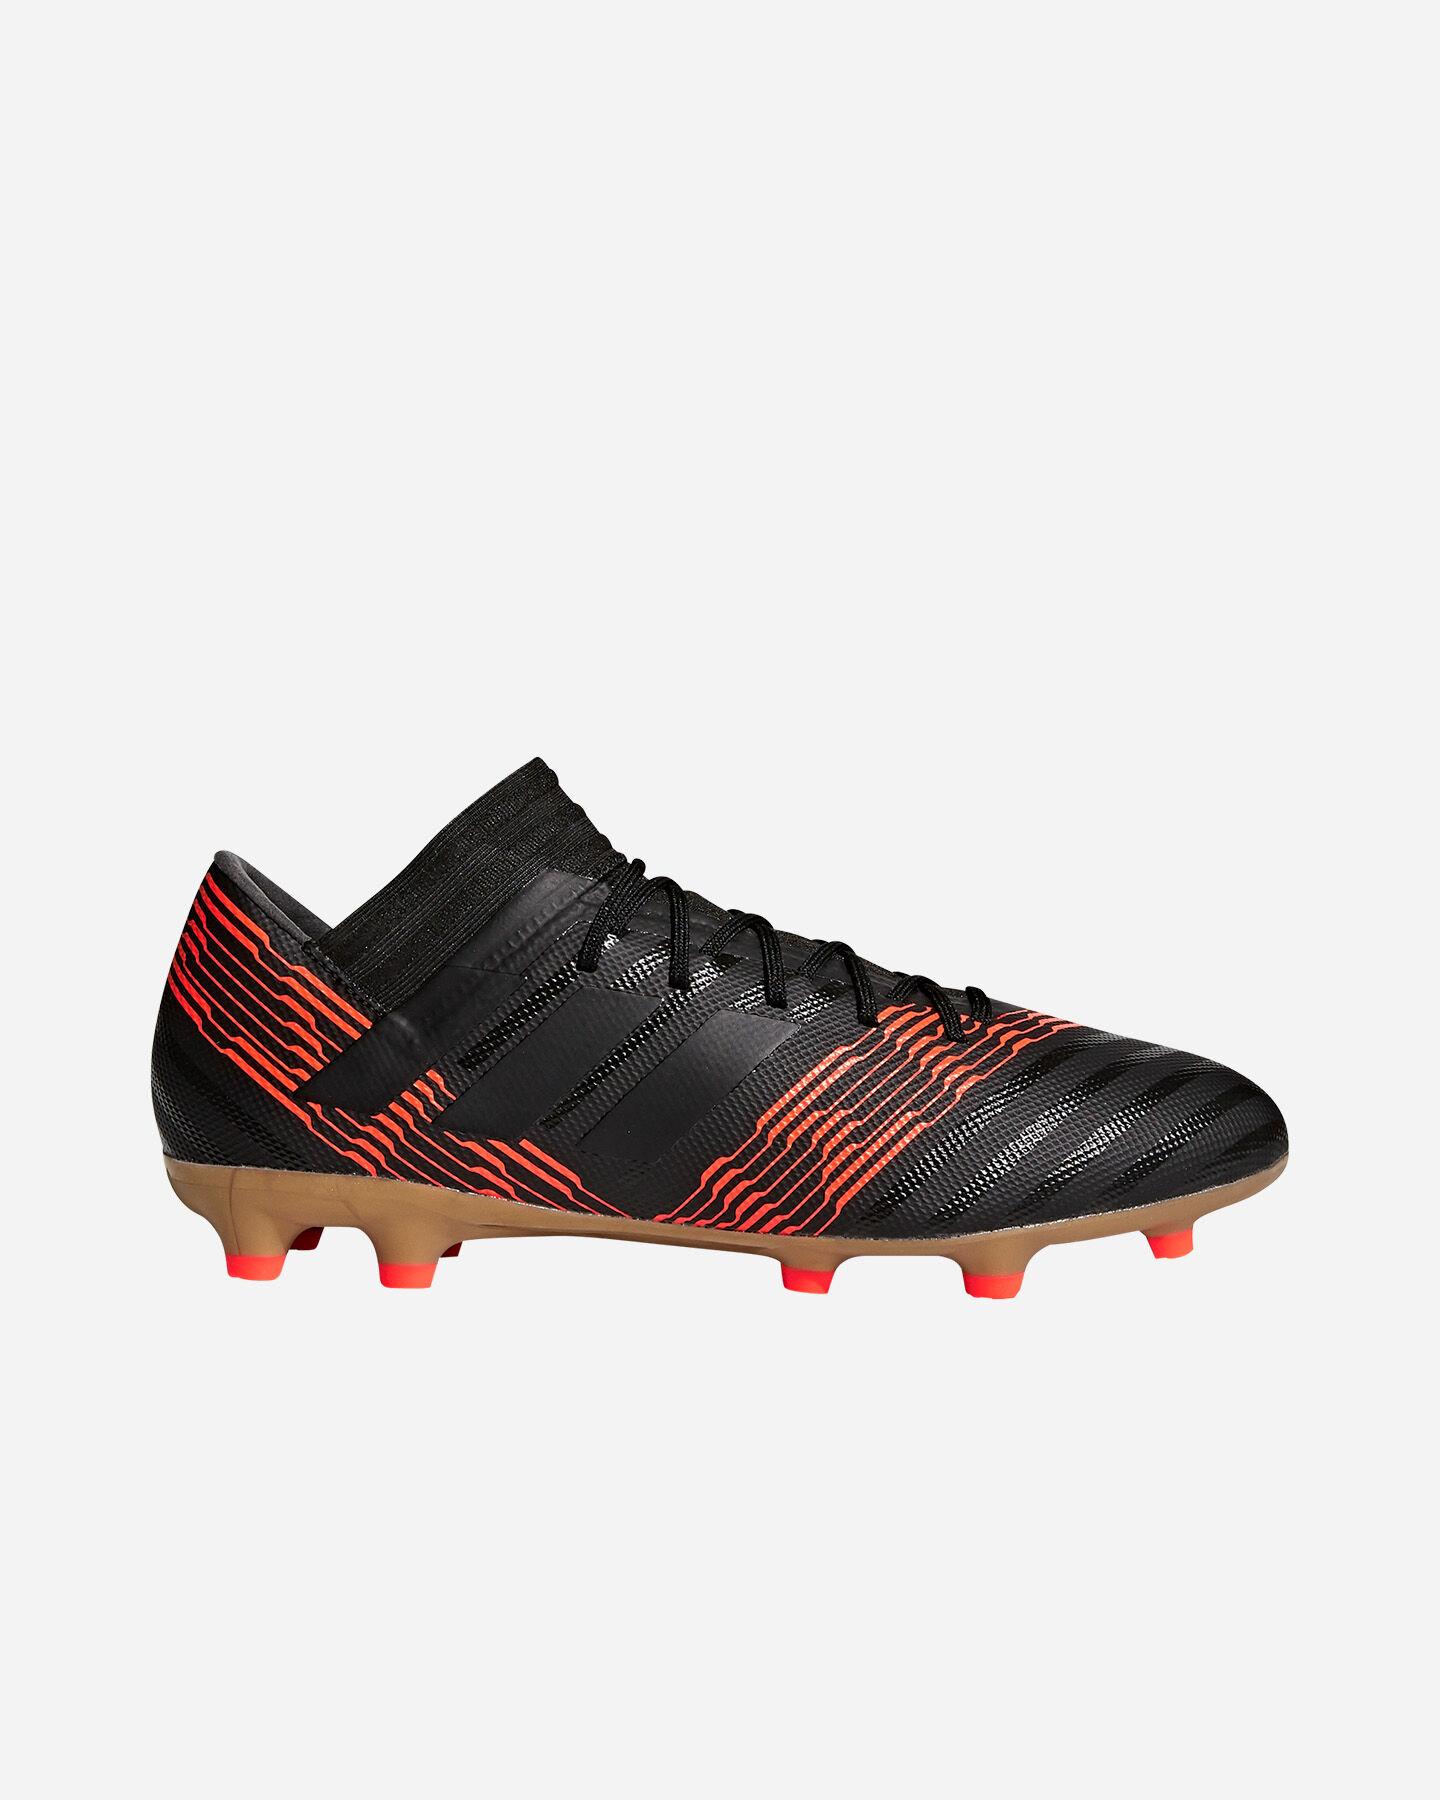 scarpe calcio bambino adidas 32